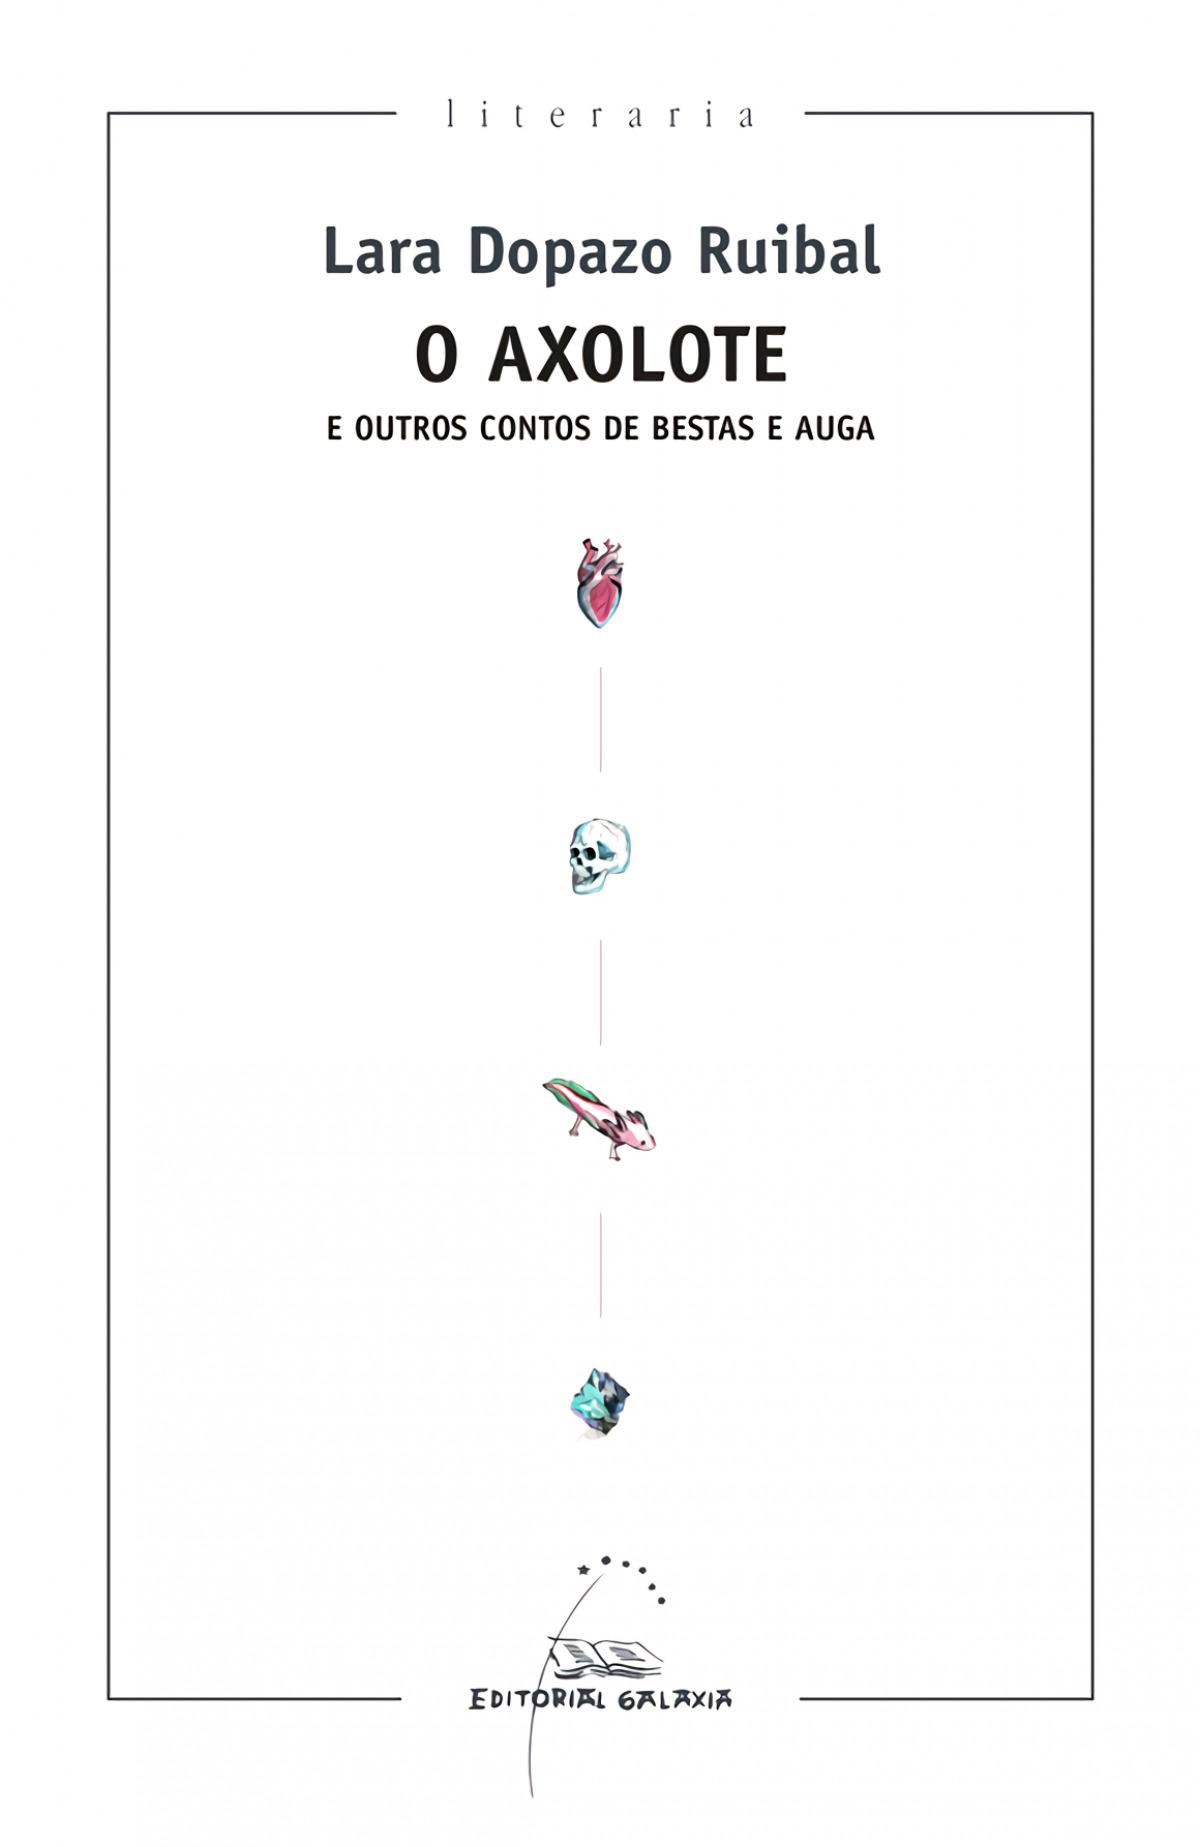 O Axolote e outros contos de bestas e auga